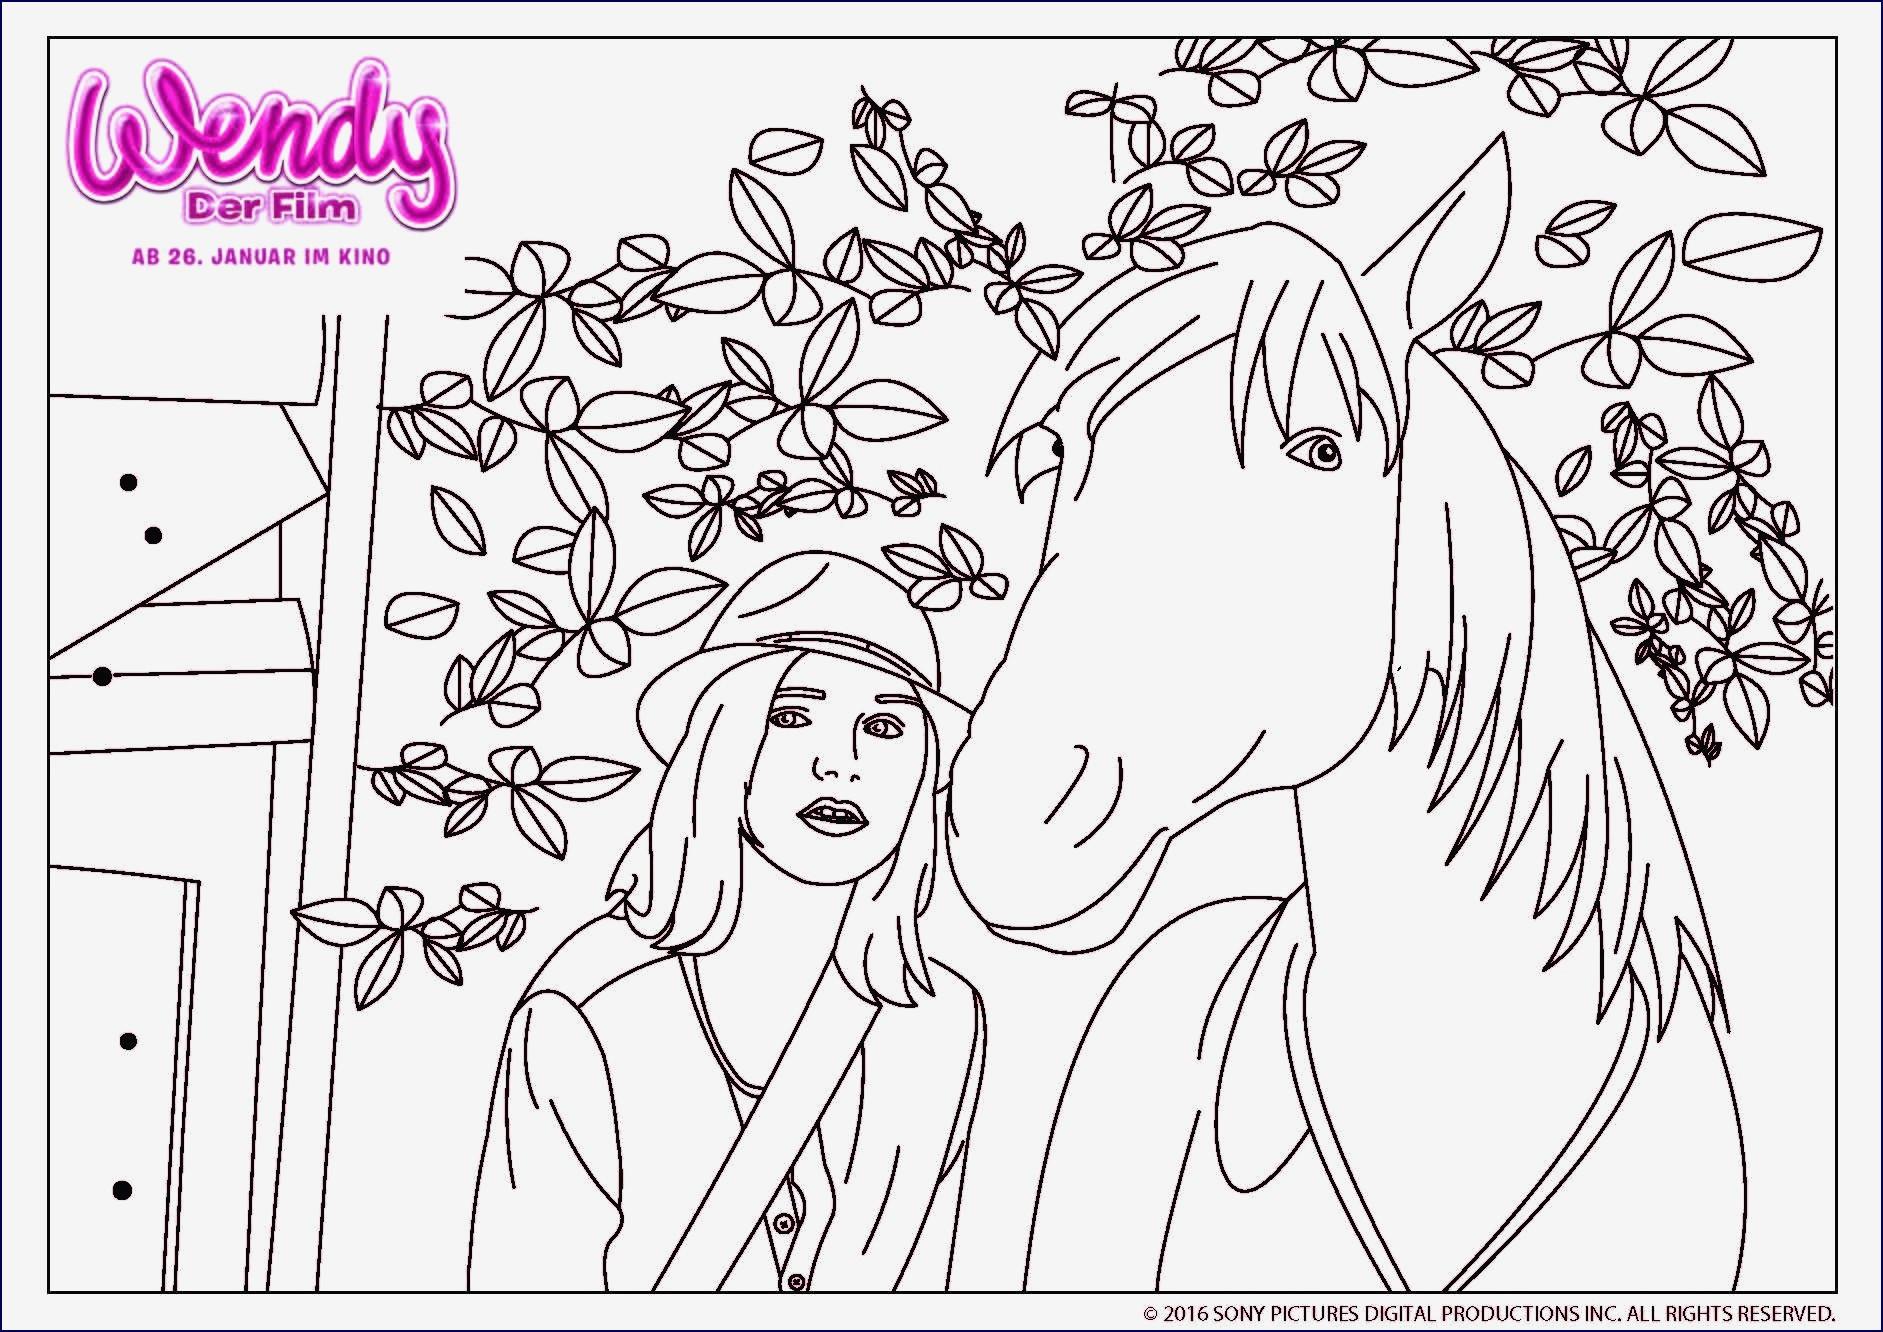 My Little Pony Equestria Girls Ausmalbilder Das Beste Von Ausmalbilder Kostenlos Eine Sammlung Von Färbung Bilder My Little Das Bild